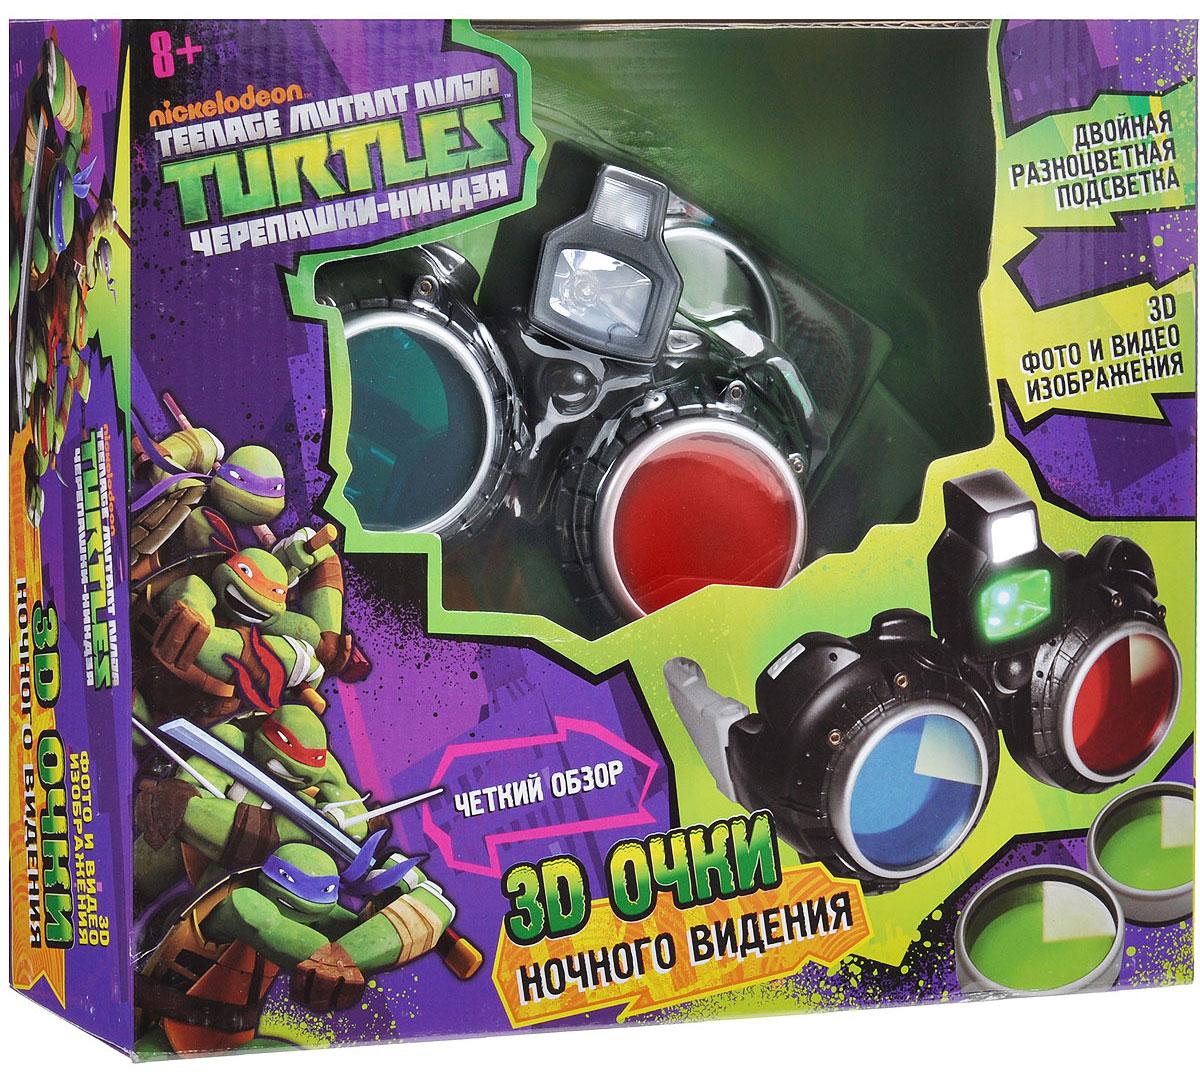 Играем вместе Игровой набор Turtles 3D очки ночного видения9819Игровой набор Turtles 3D очки ночного видения непременно понравится вашему маленькому шпиону. Главной изюминкой набора являются стильные 3D очки, выполненные из высококачественного пластика. С помощью светодиодной подсветки белого и/или зеленого светодиодов очки позволяют видеть в темноте. Также можно получить 3D изображение, установив красную линзу на левый глаз, а синюю - на правый. Для получения нормального изображения снимите цветные линзы, нажав на них и потянув за кольцо на линзах, и вставьте зеленые линзы. В комплект входят шпионские очки, 2 набора линз (2 зеленых, красная и синяя), две 3D фотографии с двухцветным стереографическим изображением и подробная инструкция по эксплуатации на русском языке. Ваш ребенок будет в восторге от такого подарка! Необходимо докупить 3 батареи напряжением 1,5V типа АG13/LR44 (не входят в комплект).